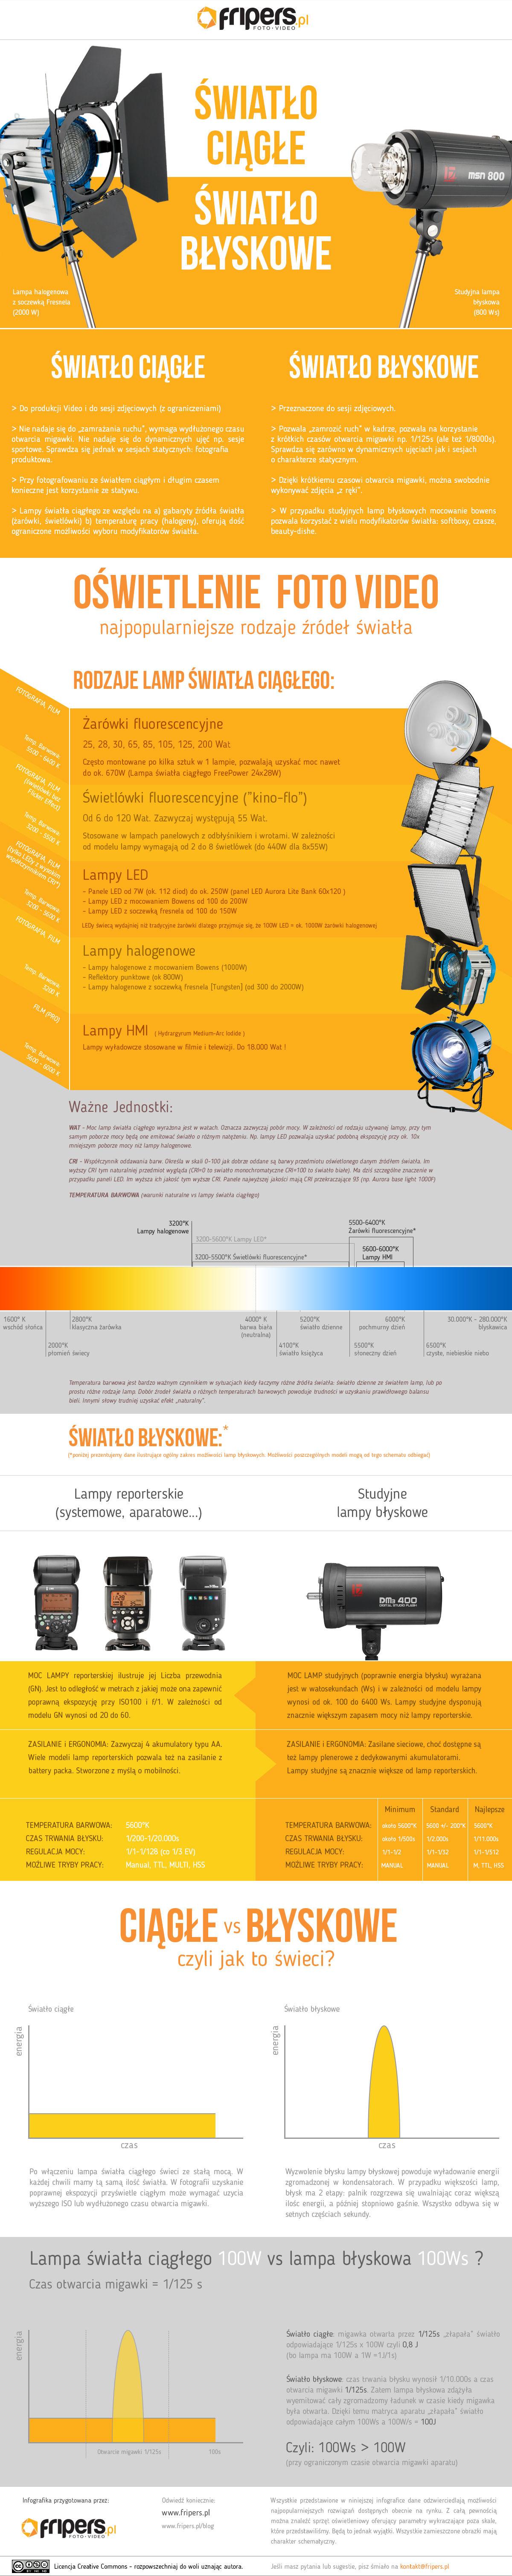 światło Ciągłe Vs światło Błyskowe Infografika Fripers